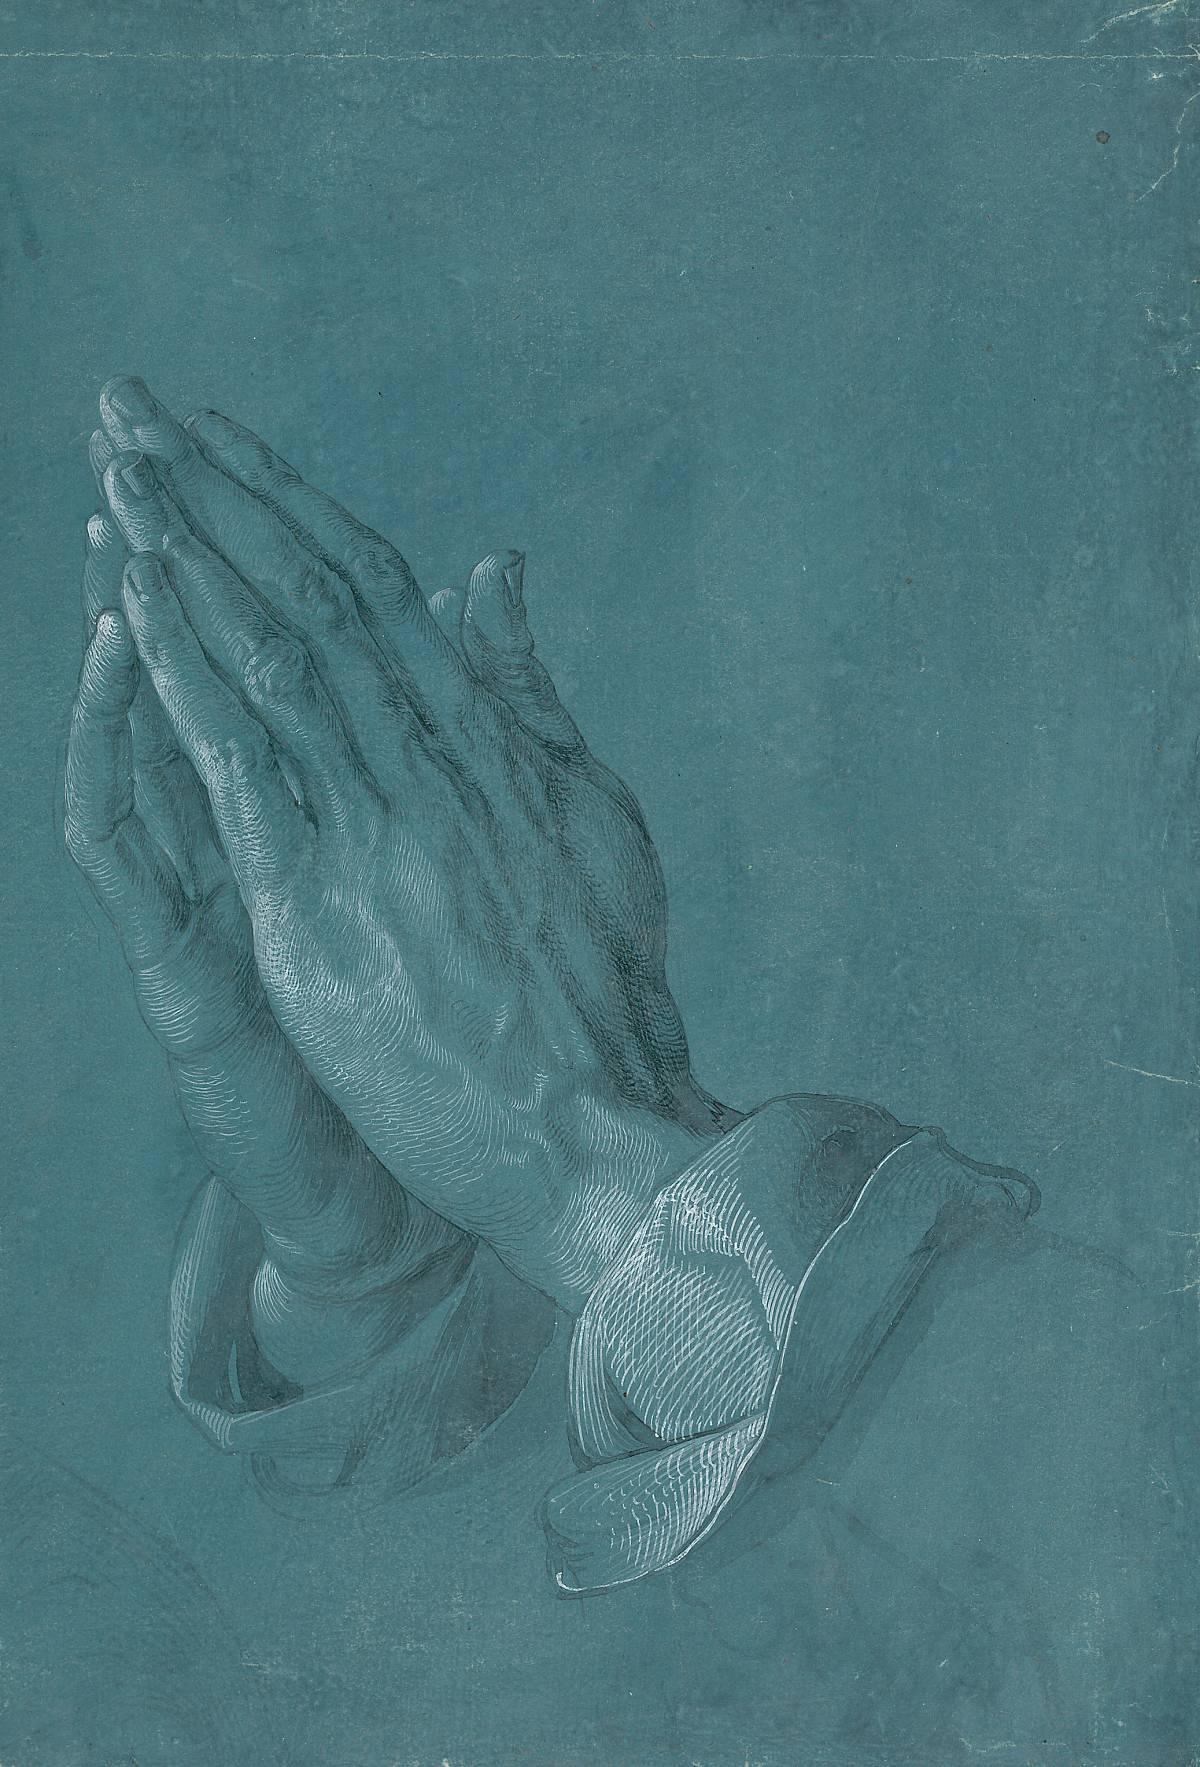 Albrecht Dürer: Praying Hands, 1508